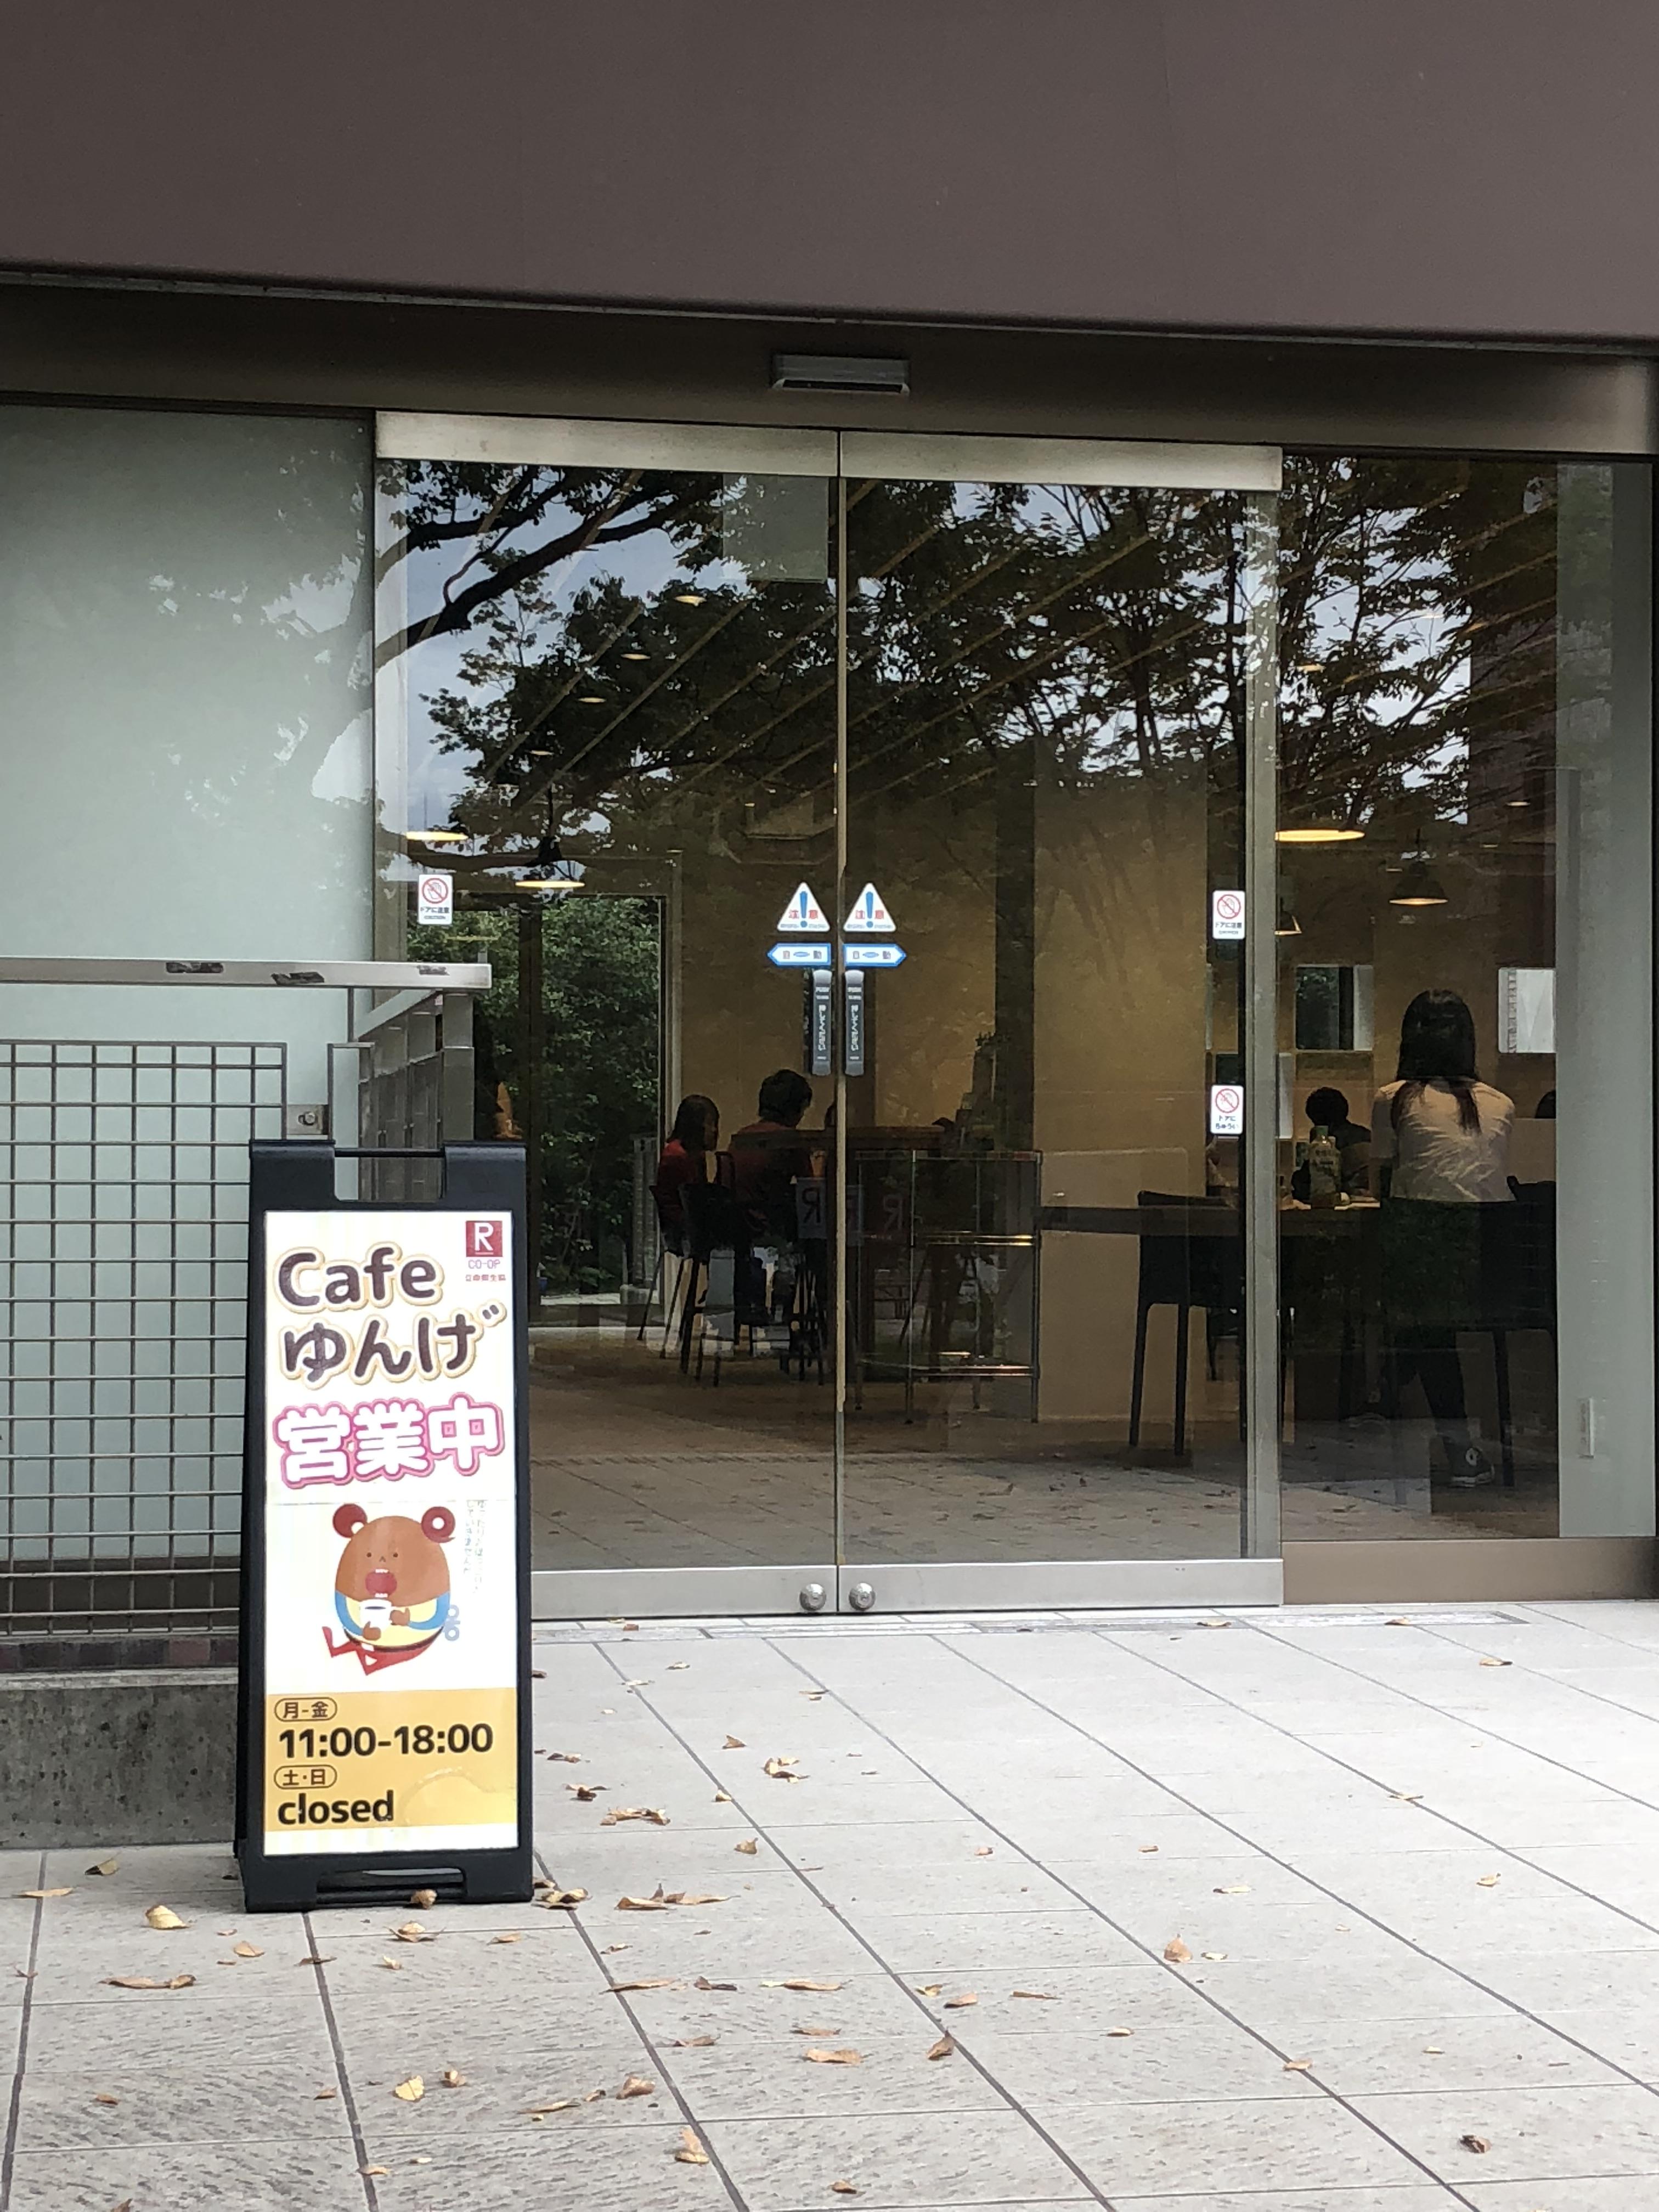 こちらが、「カフェゆんげ」の入り口です!